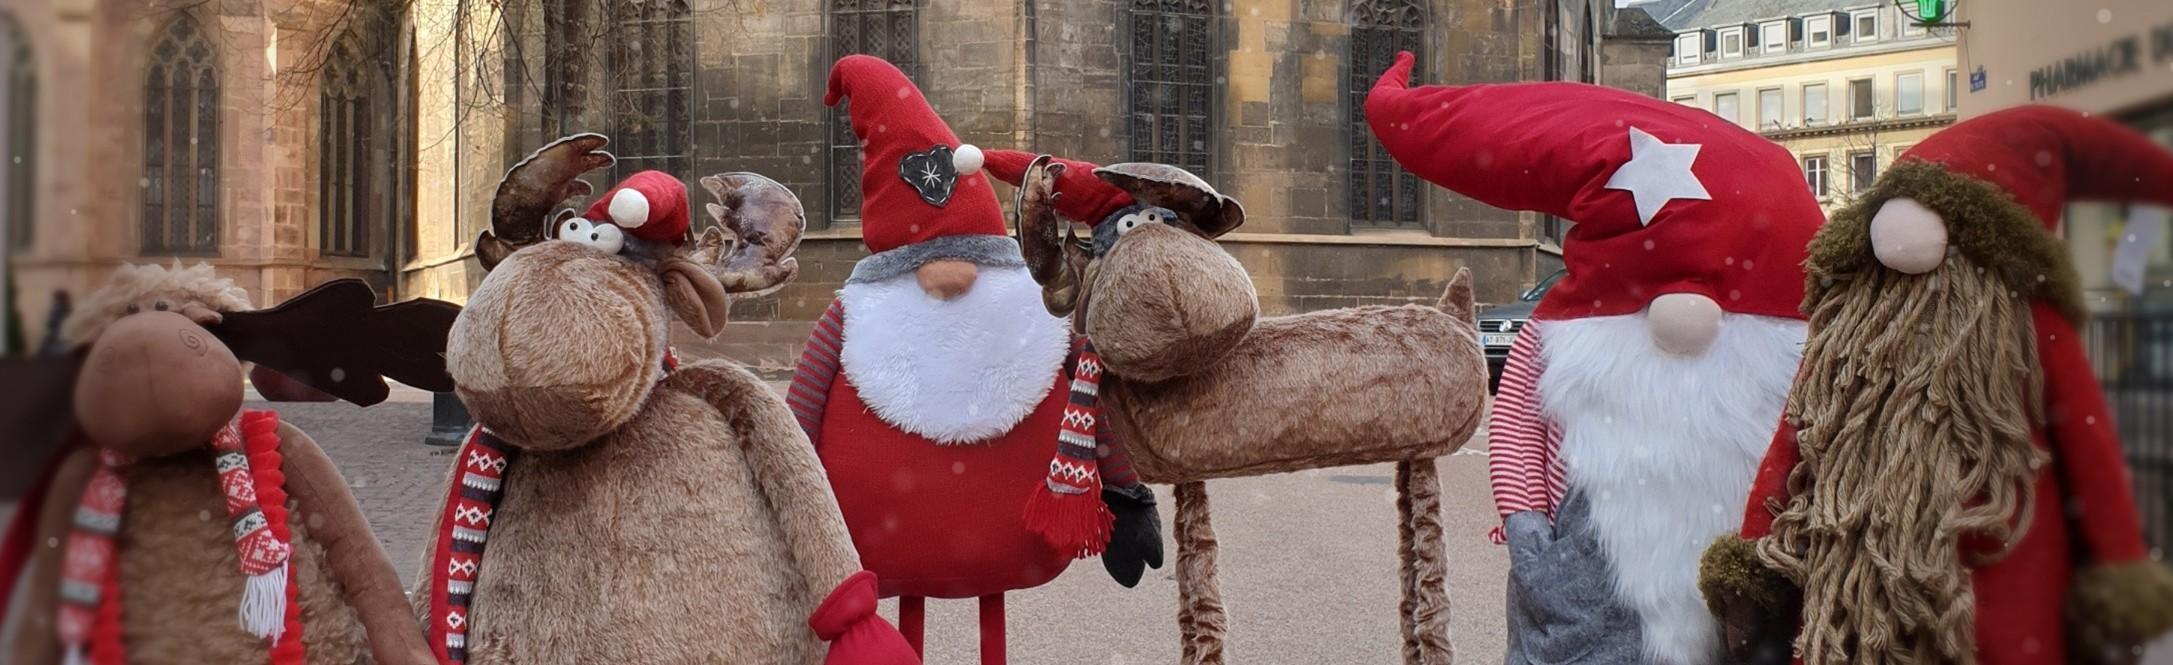 Alsace Boutique - Gnomes de Noël XXL